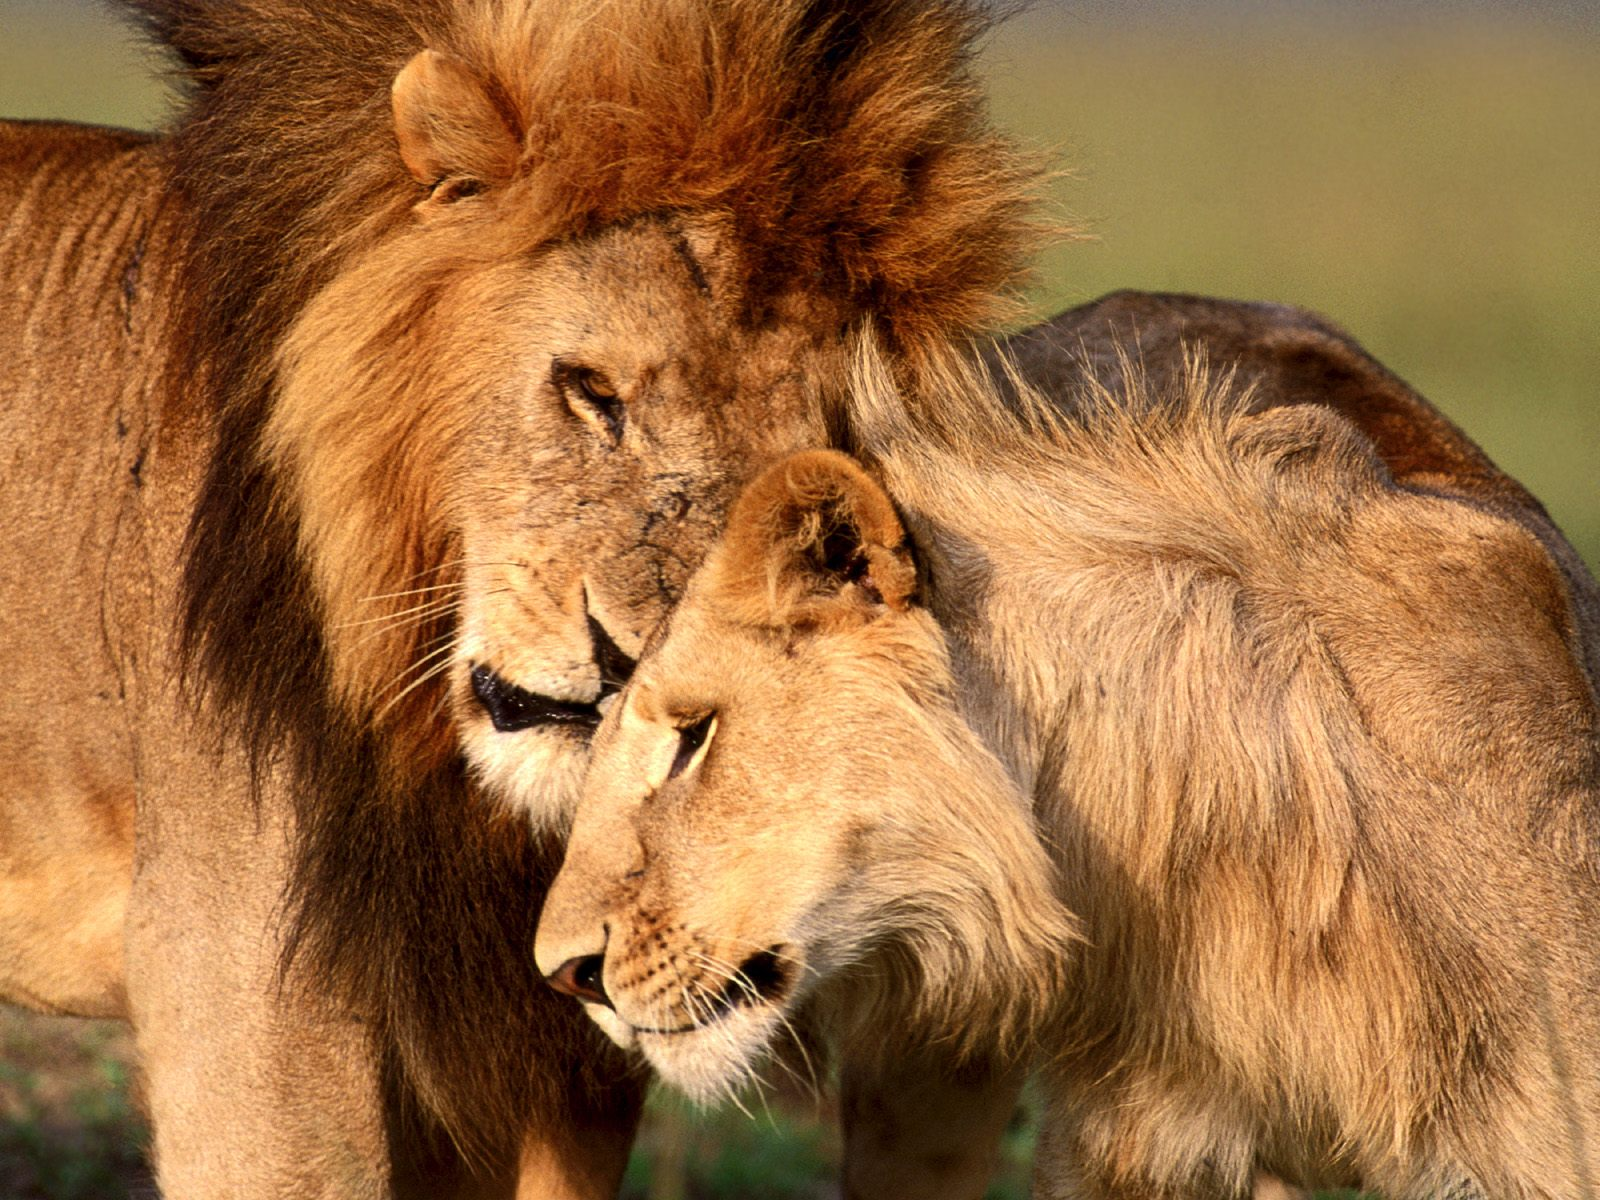 Картинки льва и львицы с надписями